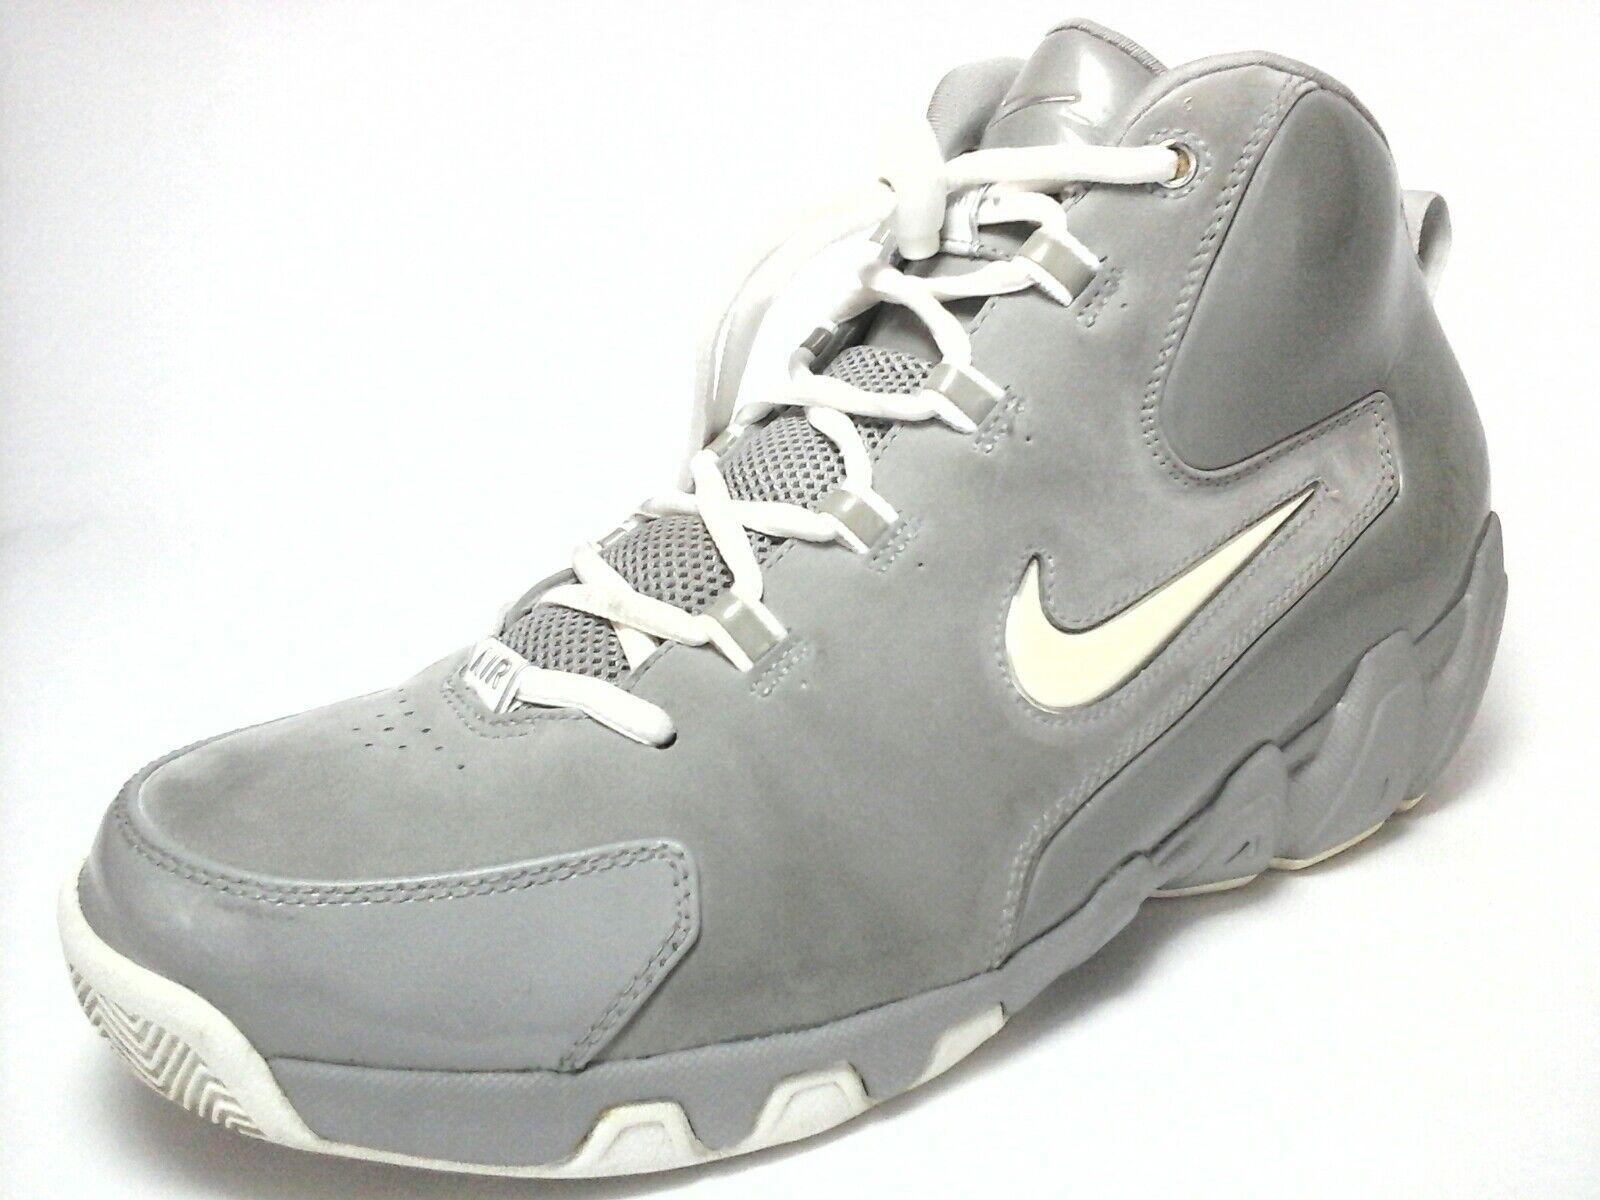 timeless design f850a 18088 Nike vapore intoccabile pro ltng ltng ltng fulmine nero di calcio 847102 001  scarpette 9, ...